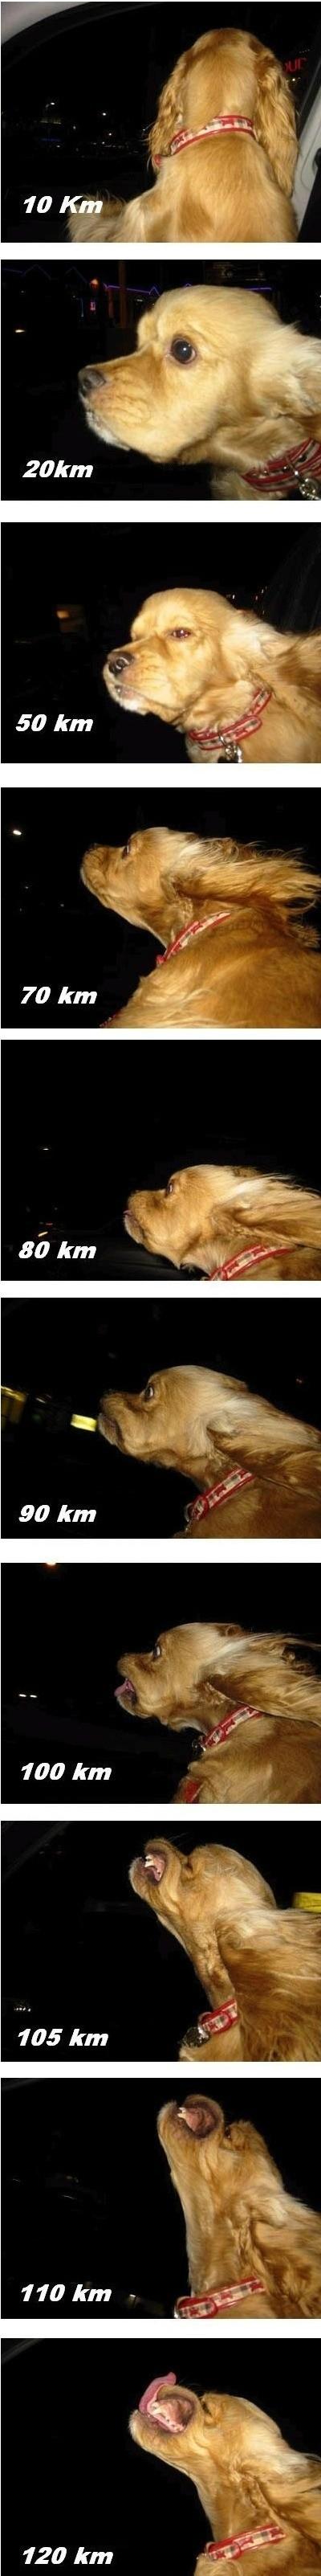 Cara de perro según la velocidad